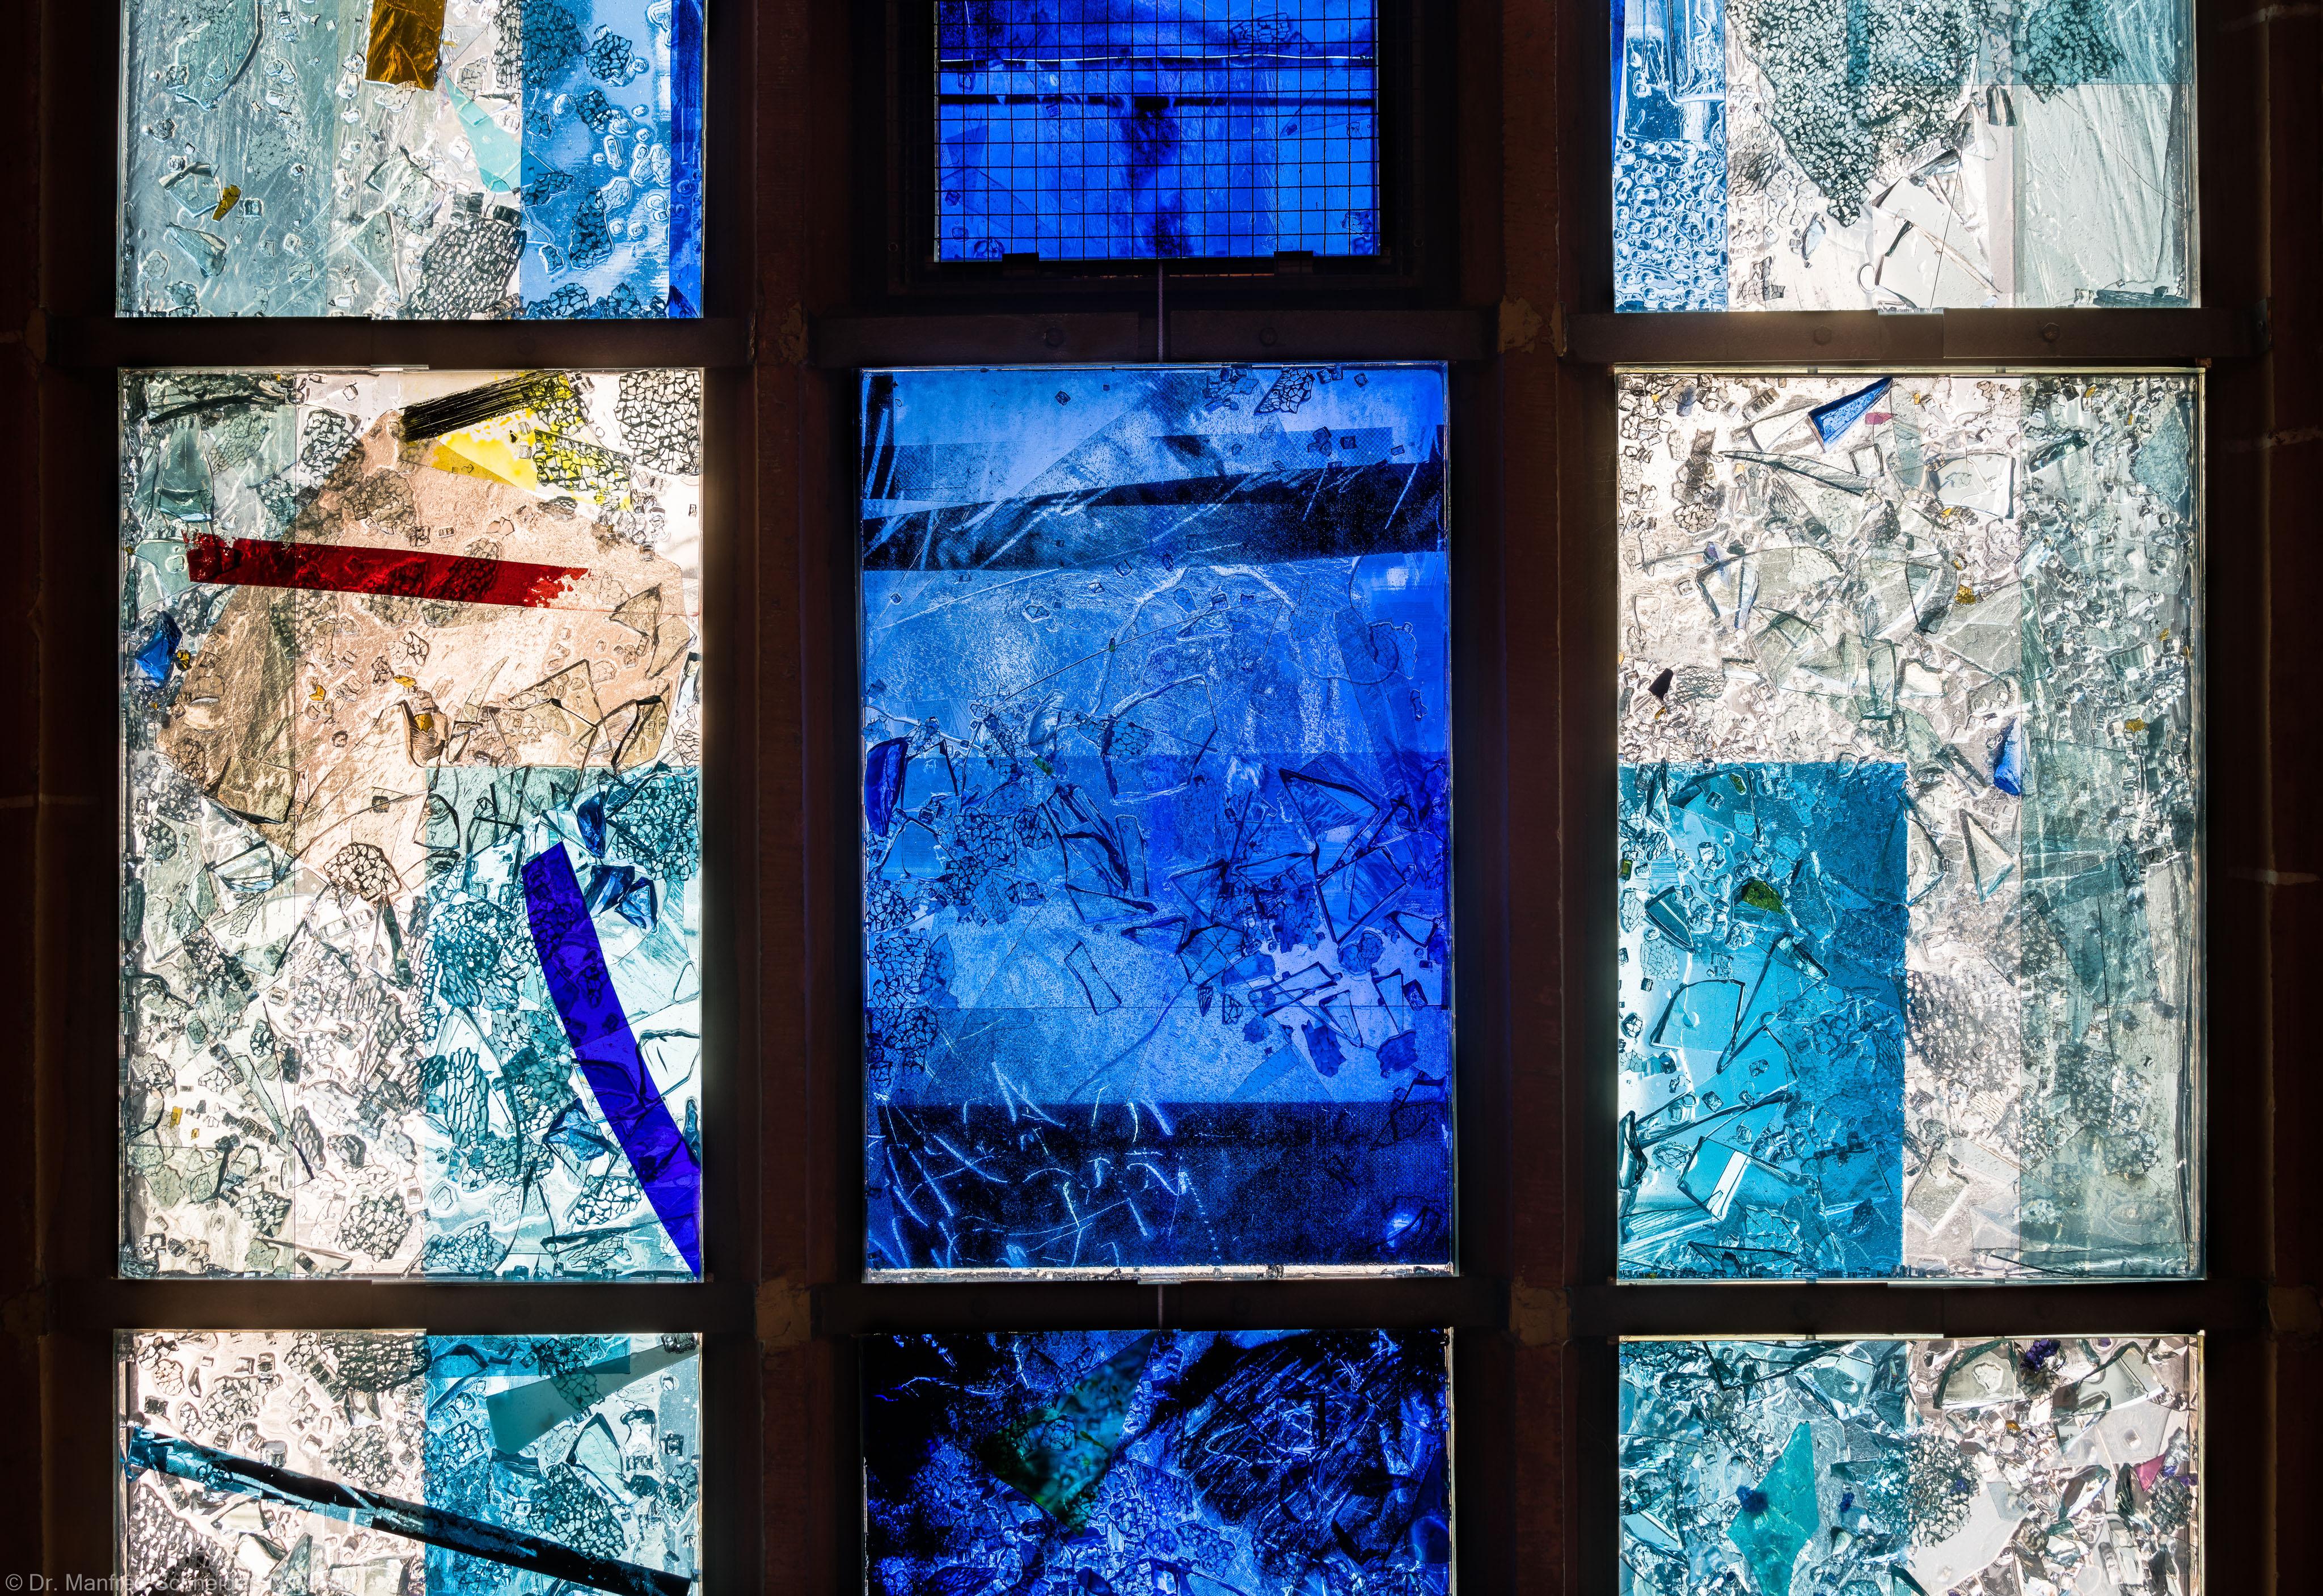 """Heidelberg - Heiliggeistkirche - Nordschiff - 1. Joch, von Westen aus gezählt - Dritte Zeile des Fensters """"Schöpfungsgeschichte - Gottes Geist über den Wassern"""" von Hella De Santarossa (aufgenommen im Oktober 2015, am Nachmittag)"""